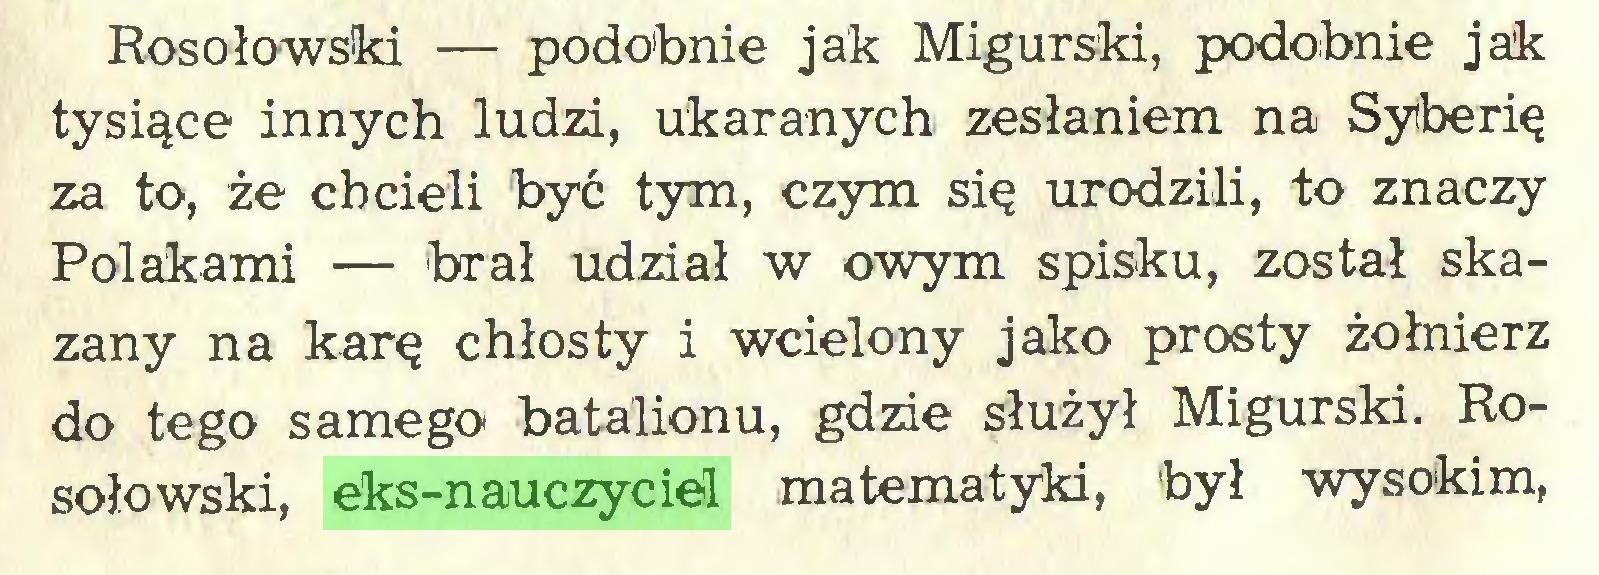 (...) Rosołowski — podobnie jak Migurski, podobnie jak tysiące innych ludzi, ukaranych zesłaniem na Syberię za to, że chcieli być tym, czym się urodzili, to znaczy Polakami — 'brał udział w owym spisku, został skazany na karę chłosty i wcielony jako prosty żołnierz do tego samego batalionu, gdzie służył Migurski. Rosołowski, eks-nauczyciel matematyki, był wysokim,...